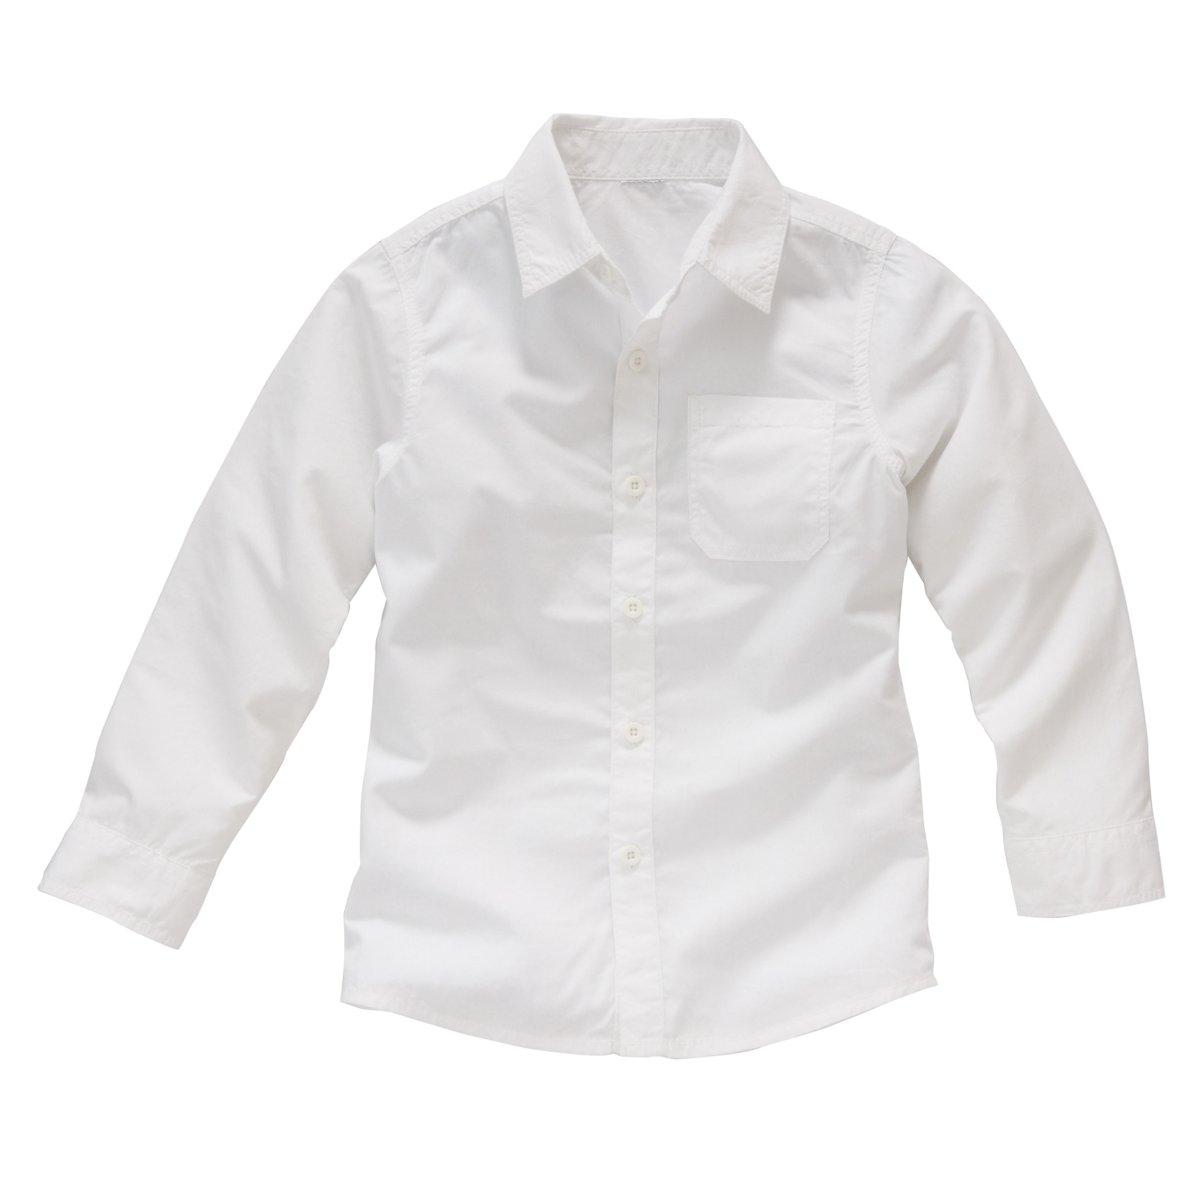 Рубашка однотонная, 3-12 лет